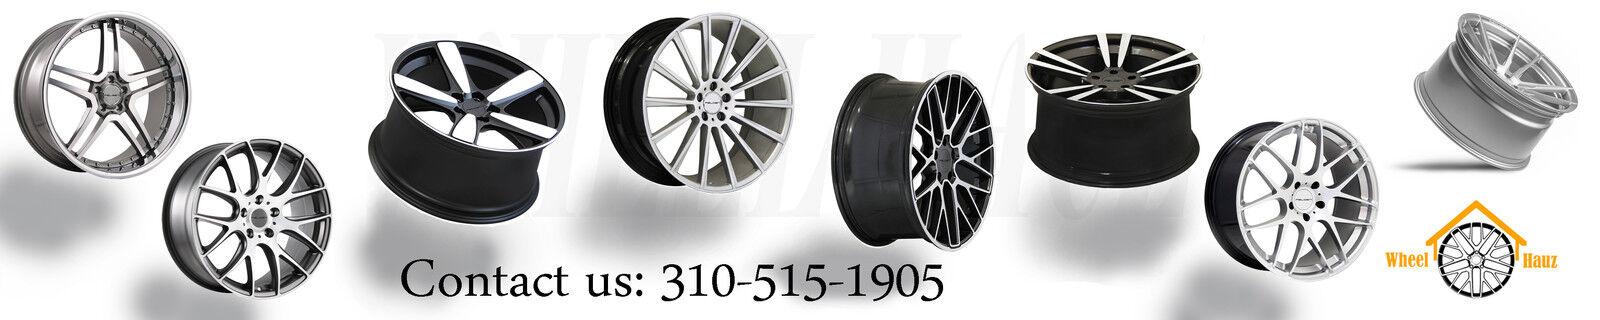 Wheel Hauz